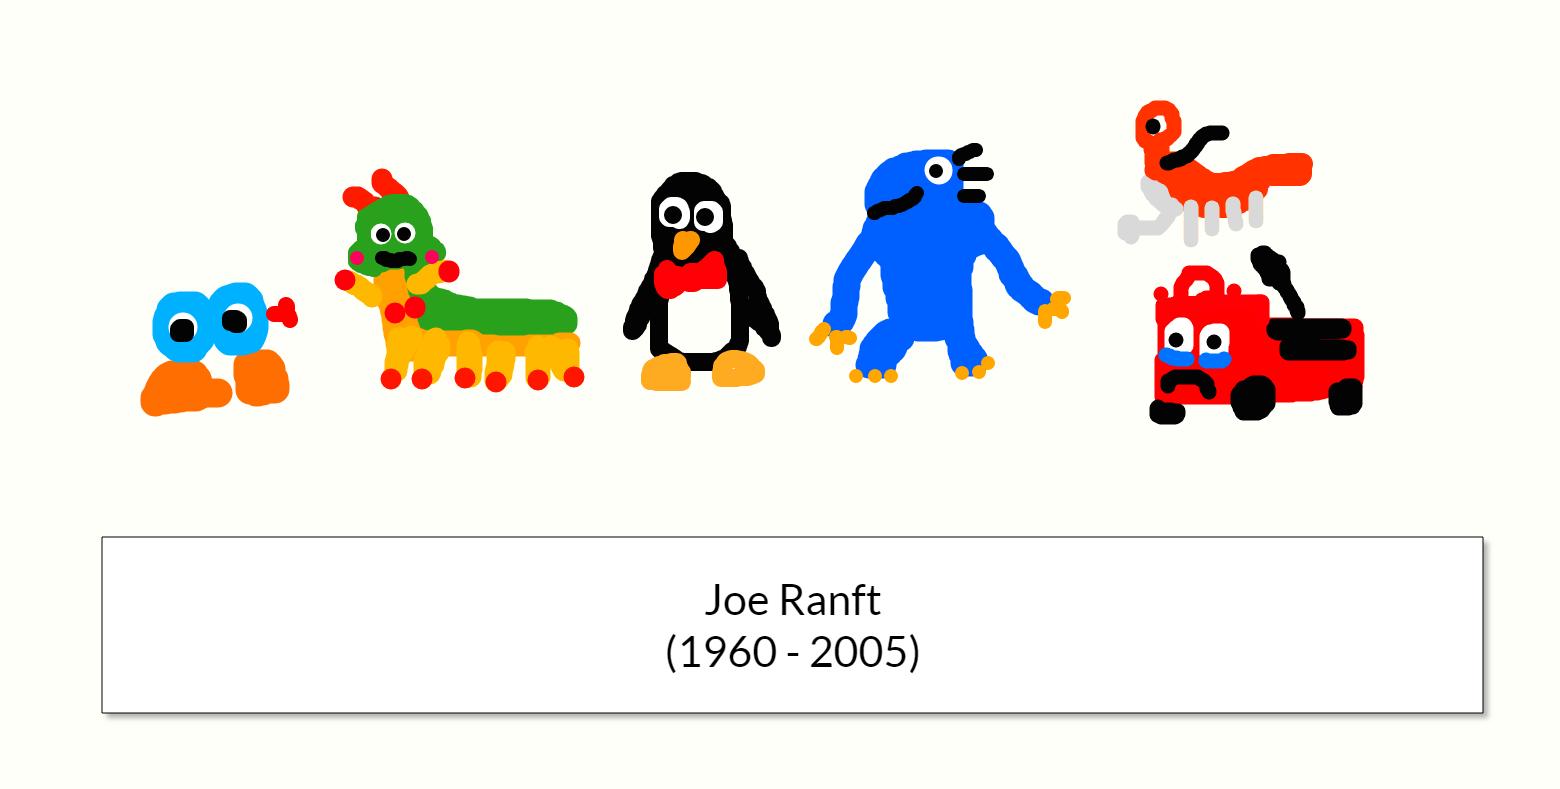 joe ranft imdb